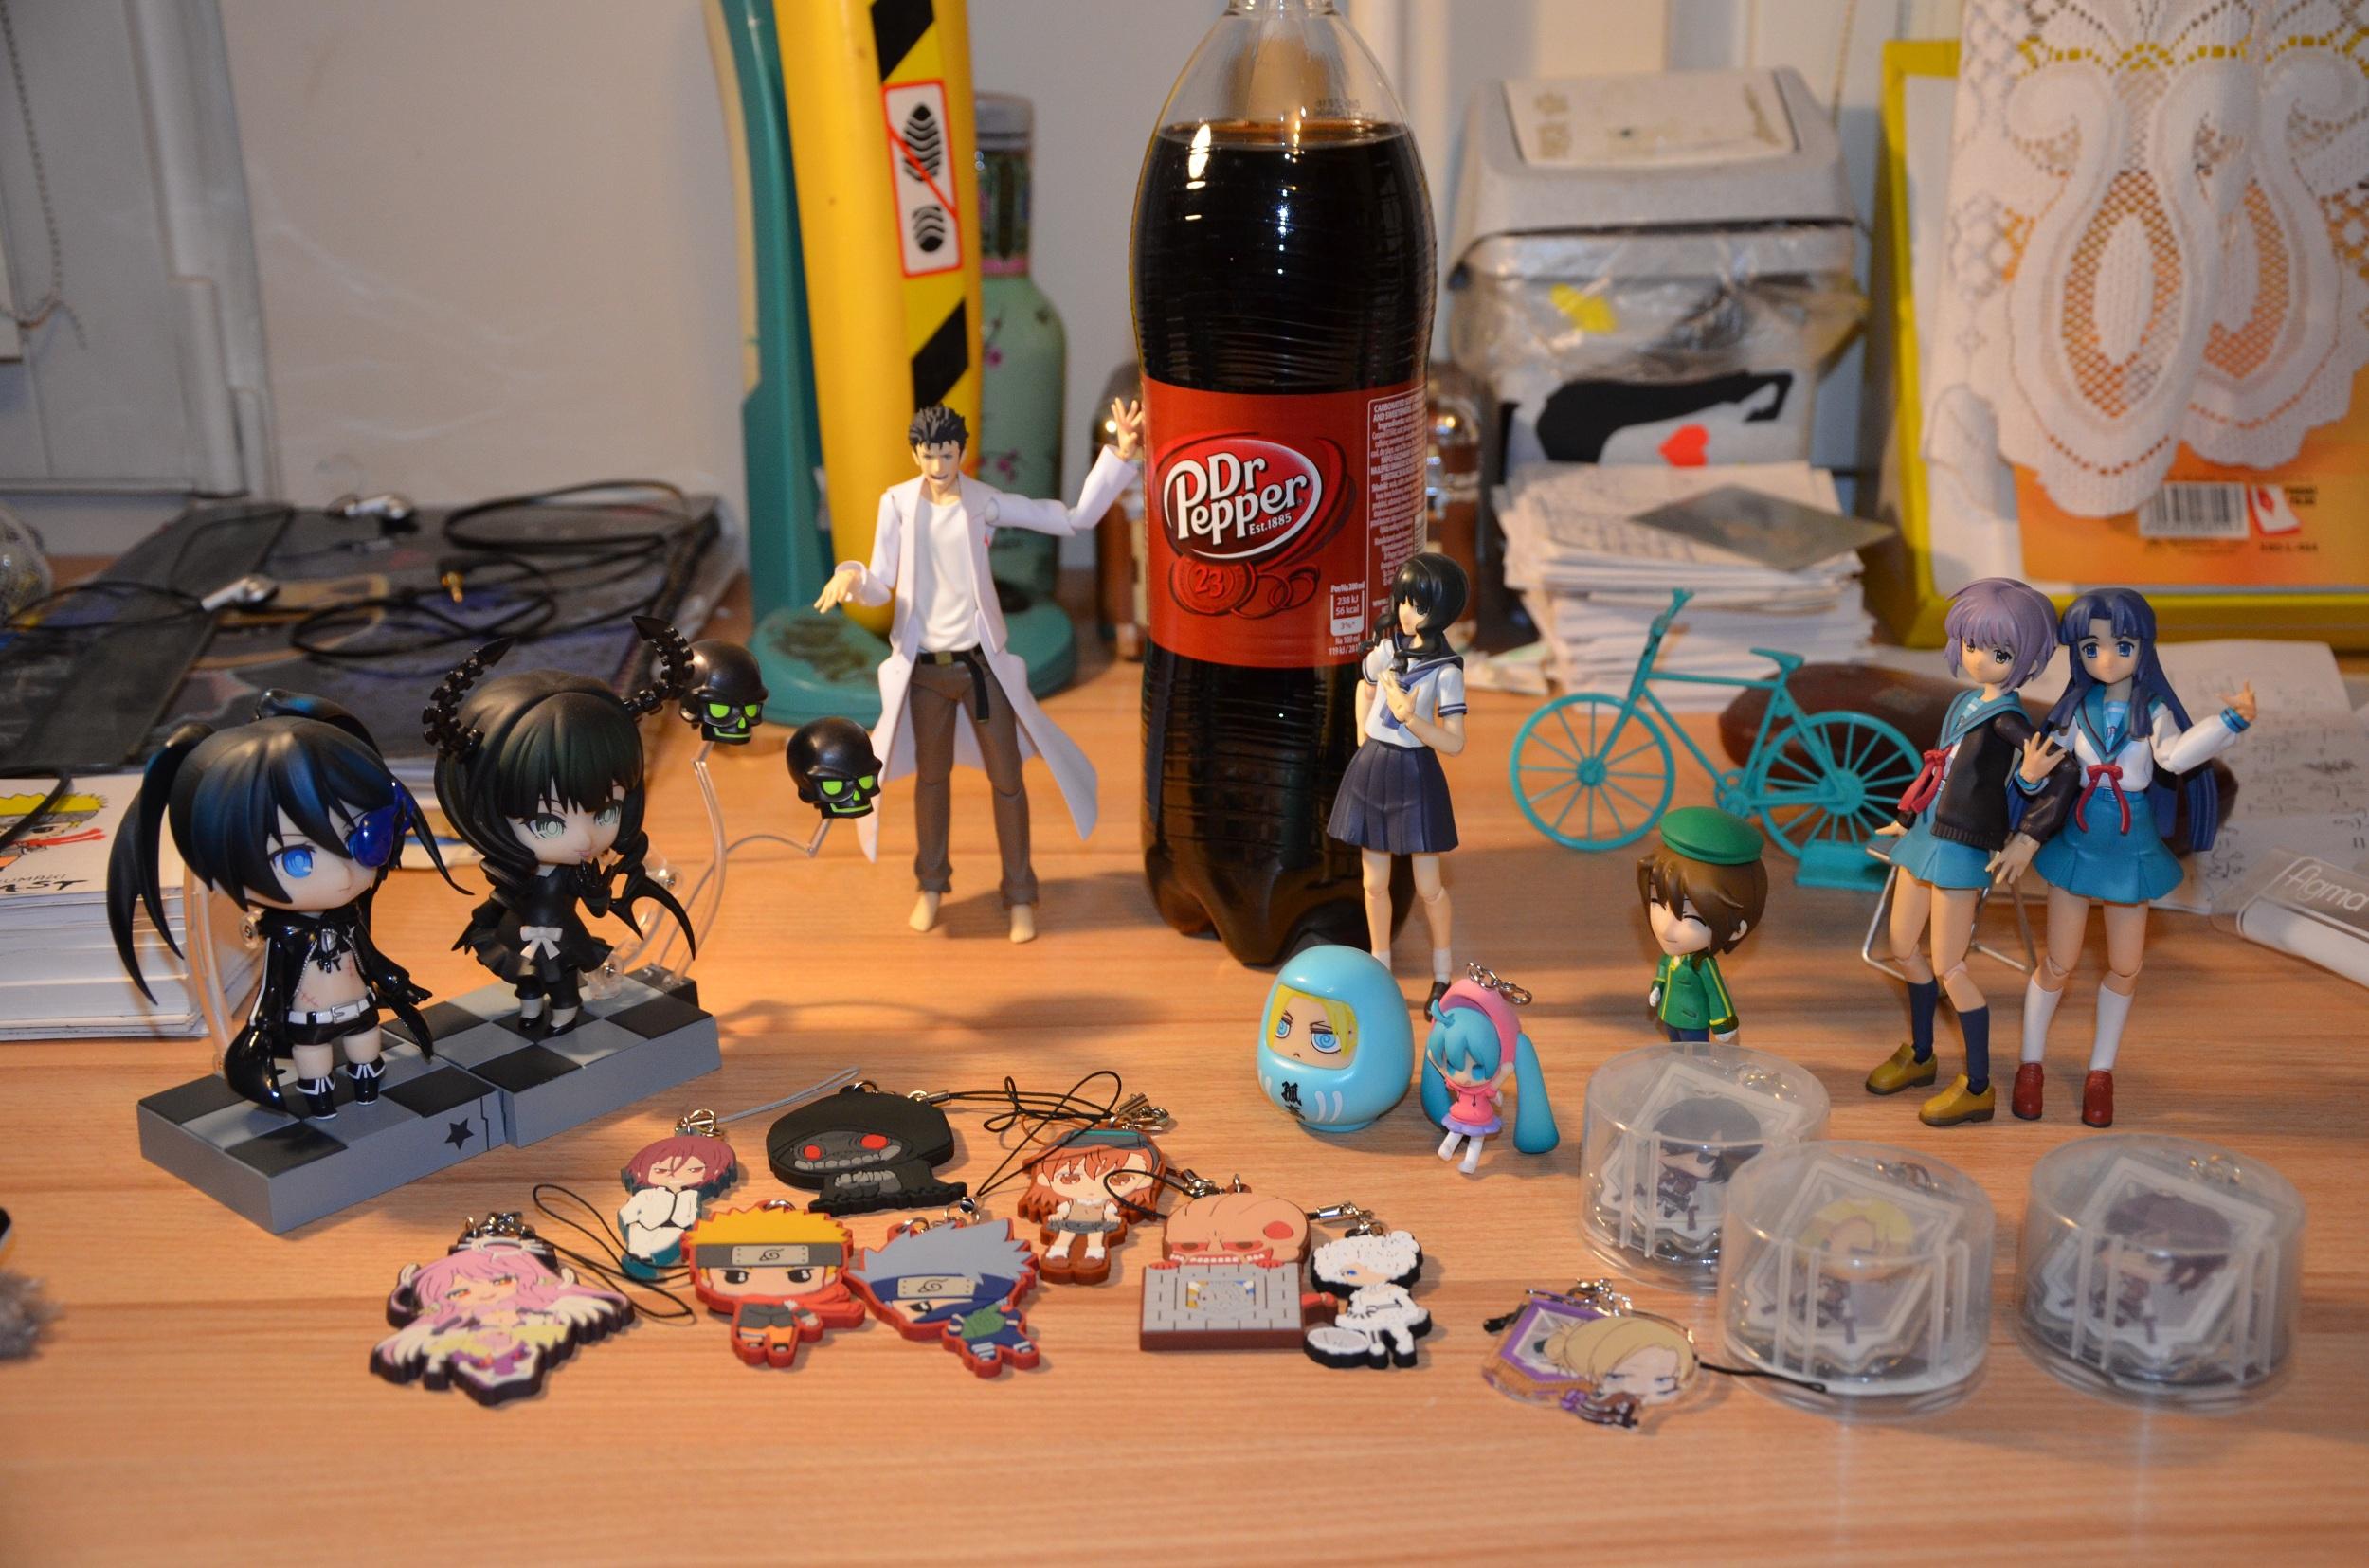 figma vocaloid doll nendoroid_petit kotobukiya huke strap nendoroid hatsune_miku max_factory good_smile_company banpresto bandai hatake_kakashi nagato_yuki koizumi_itsuki chara-ani ex:ride suzumiya_haruhi_no_yuuutsu to_aru_kagaku_no_railgun dead_master uzumaki_naruto steins;gate ichiban_kuji ascii_media_works movic nitroplus asakura_ryouko takanashi_yomi to_aru_majutsu_no_index ageta_yukiwo asai_(apsy)_masaki black_★_rock_shooter abe_masato jun_(e.v.) nendoroid_petit_suzumiya_haruhi_no_yuuutsu_#3 crypton_future_media toy's_works itou_noiji tanigawa_nagaru hobby_stock rubber_strap misaka_imouto kodansha naruto_shippuuden acg sakurai colorfull_collection kishimoto_masashi toboso_yana pic-lil! 5pb._games okabe_rintarou asahi_inryou kawahara_reki kamiya_yuu earphone_jack_accessory niitengomu shingeki_no_kyojin isayama_hajime colossal_titan to_aru_kagaku_no_railgun_s mikasa_ackerman free! matsuoka_rin es_series_nino sasha_blouse annie_leonhart pic-lil!_free!_trading_strap acrylic_charm rubber_strap_collection_shingeki_no_kyojin no_game_no_life shingeki_no_kyojin_3way_strap_set sword_art_online_ii kuroshitsuji_~book_of_circus~ jibril vivimus death_gun sword_art_online_ii_vivimus_rubber_strap_collection ichiban_kuji_shingeki_no_kyojin_~_jiyuu_e_no_shingeki_~ no_game_no_life_toy's_works_collection_dress-up_niitengomu! gekijouban_naruto_the_last bocchi-kun colorfull_collection_hatsune_miku hakusai/mute pic-lil!_kuroshitsuji_~book_of_circus~_trading_strap naruto_capsule_rubber_mascot